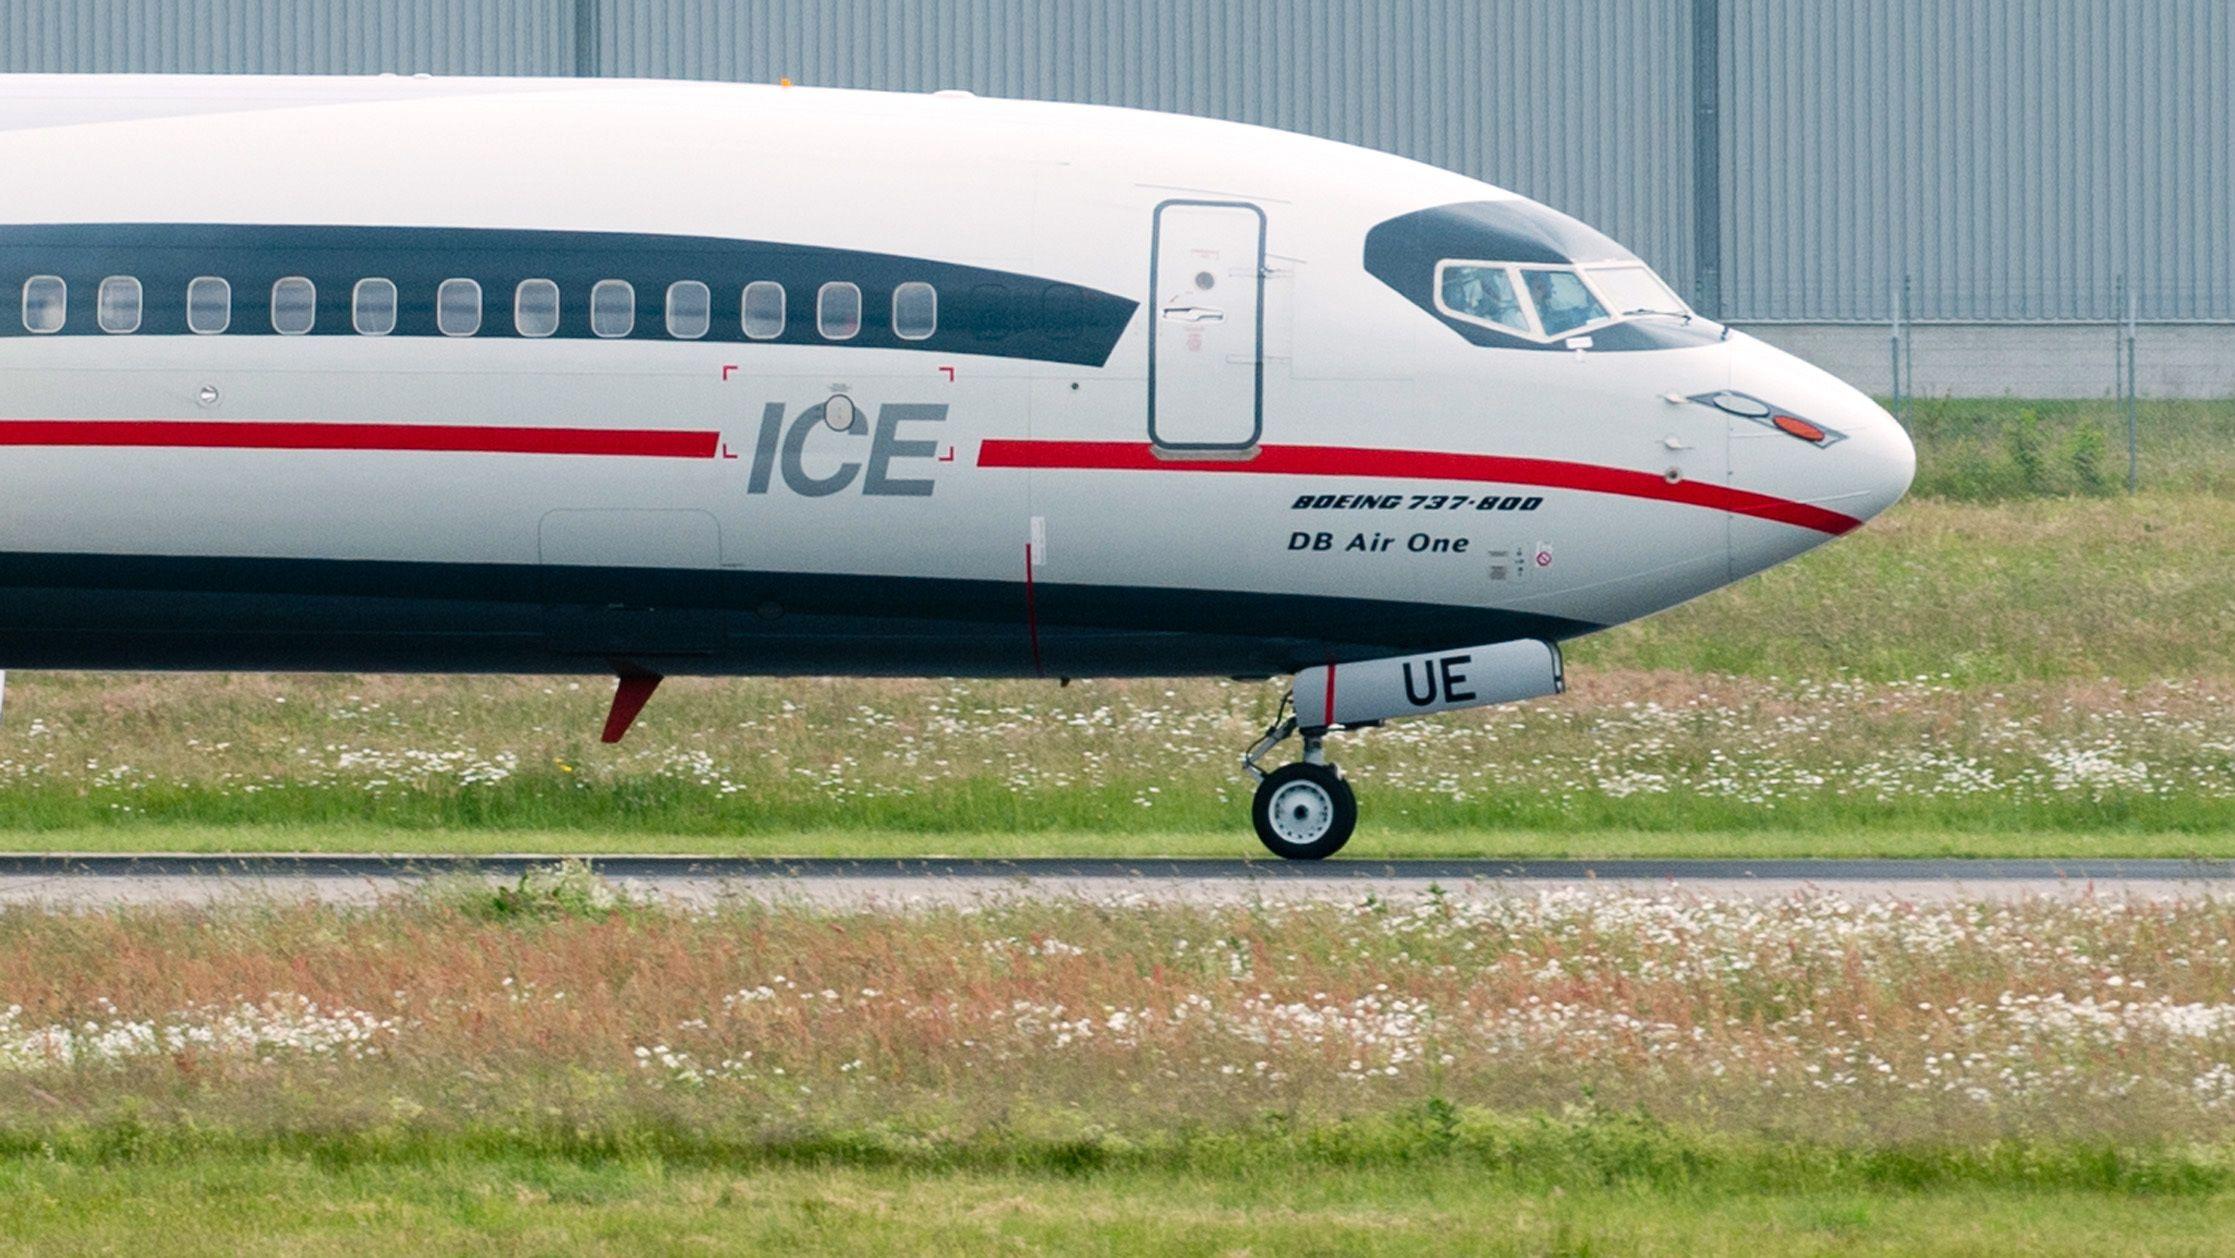 """Ein Flugzeug """"DB Air One"""" mit Lackierung im Aussehen eines ICE Zuges der Deutschen Bahn startet am 12.06.2013 am Flughafen Hannover in Langenhagen (Niedersachsen). Die Boeing 737-800 fliegt für die Fluggesellschaft TUI fly und wirbt für das Angebot """"Im Zug zum Flug"""" der Deutschen Bahn."""